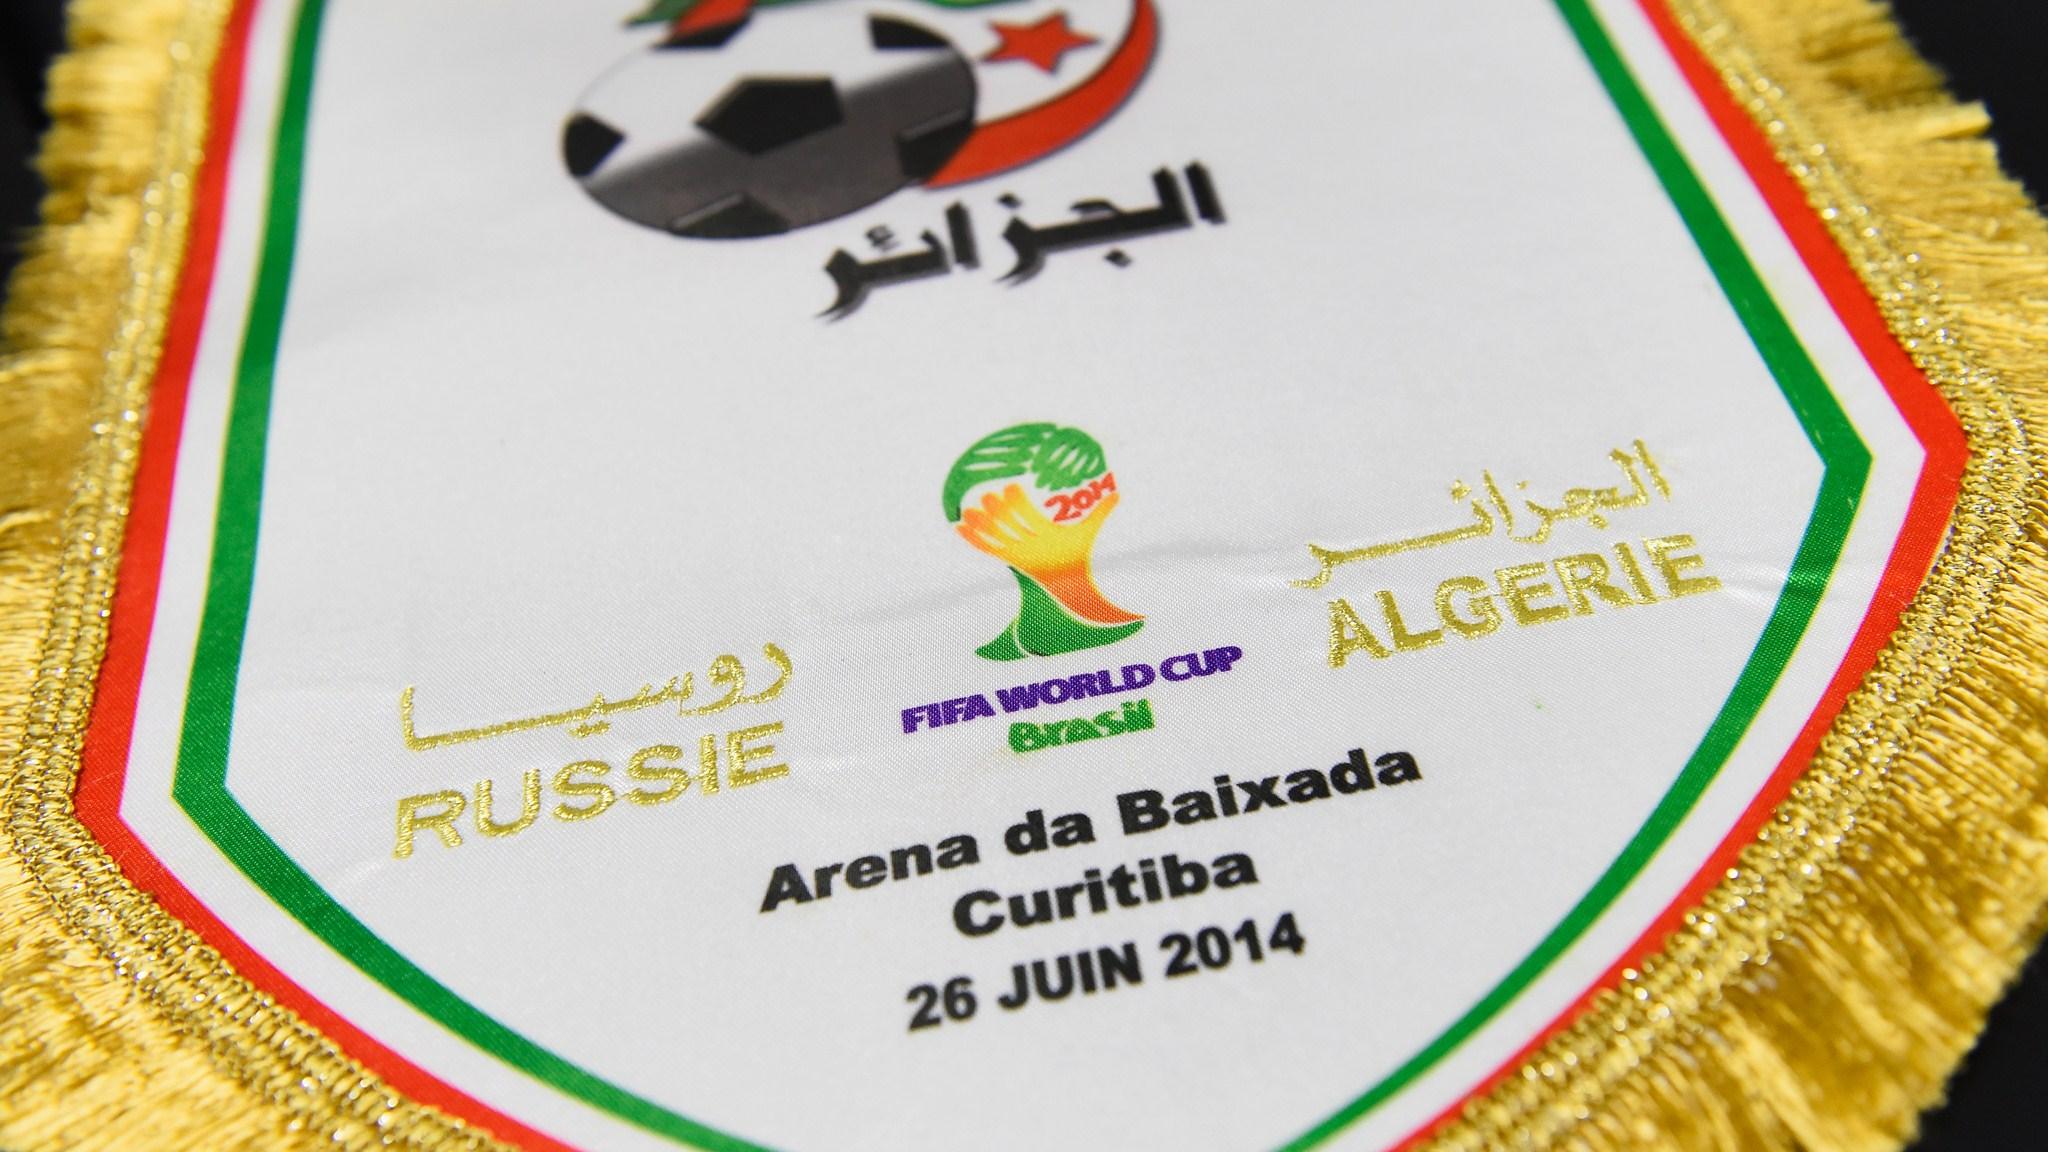 144 - Algeria-Russia [1-1] -- 26 Jun 2014 - 17-00 - kuaza